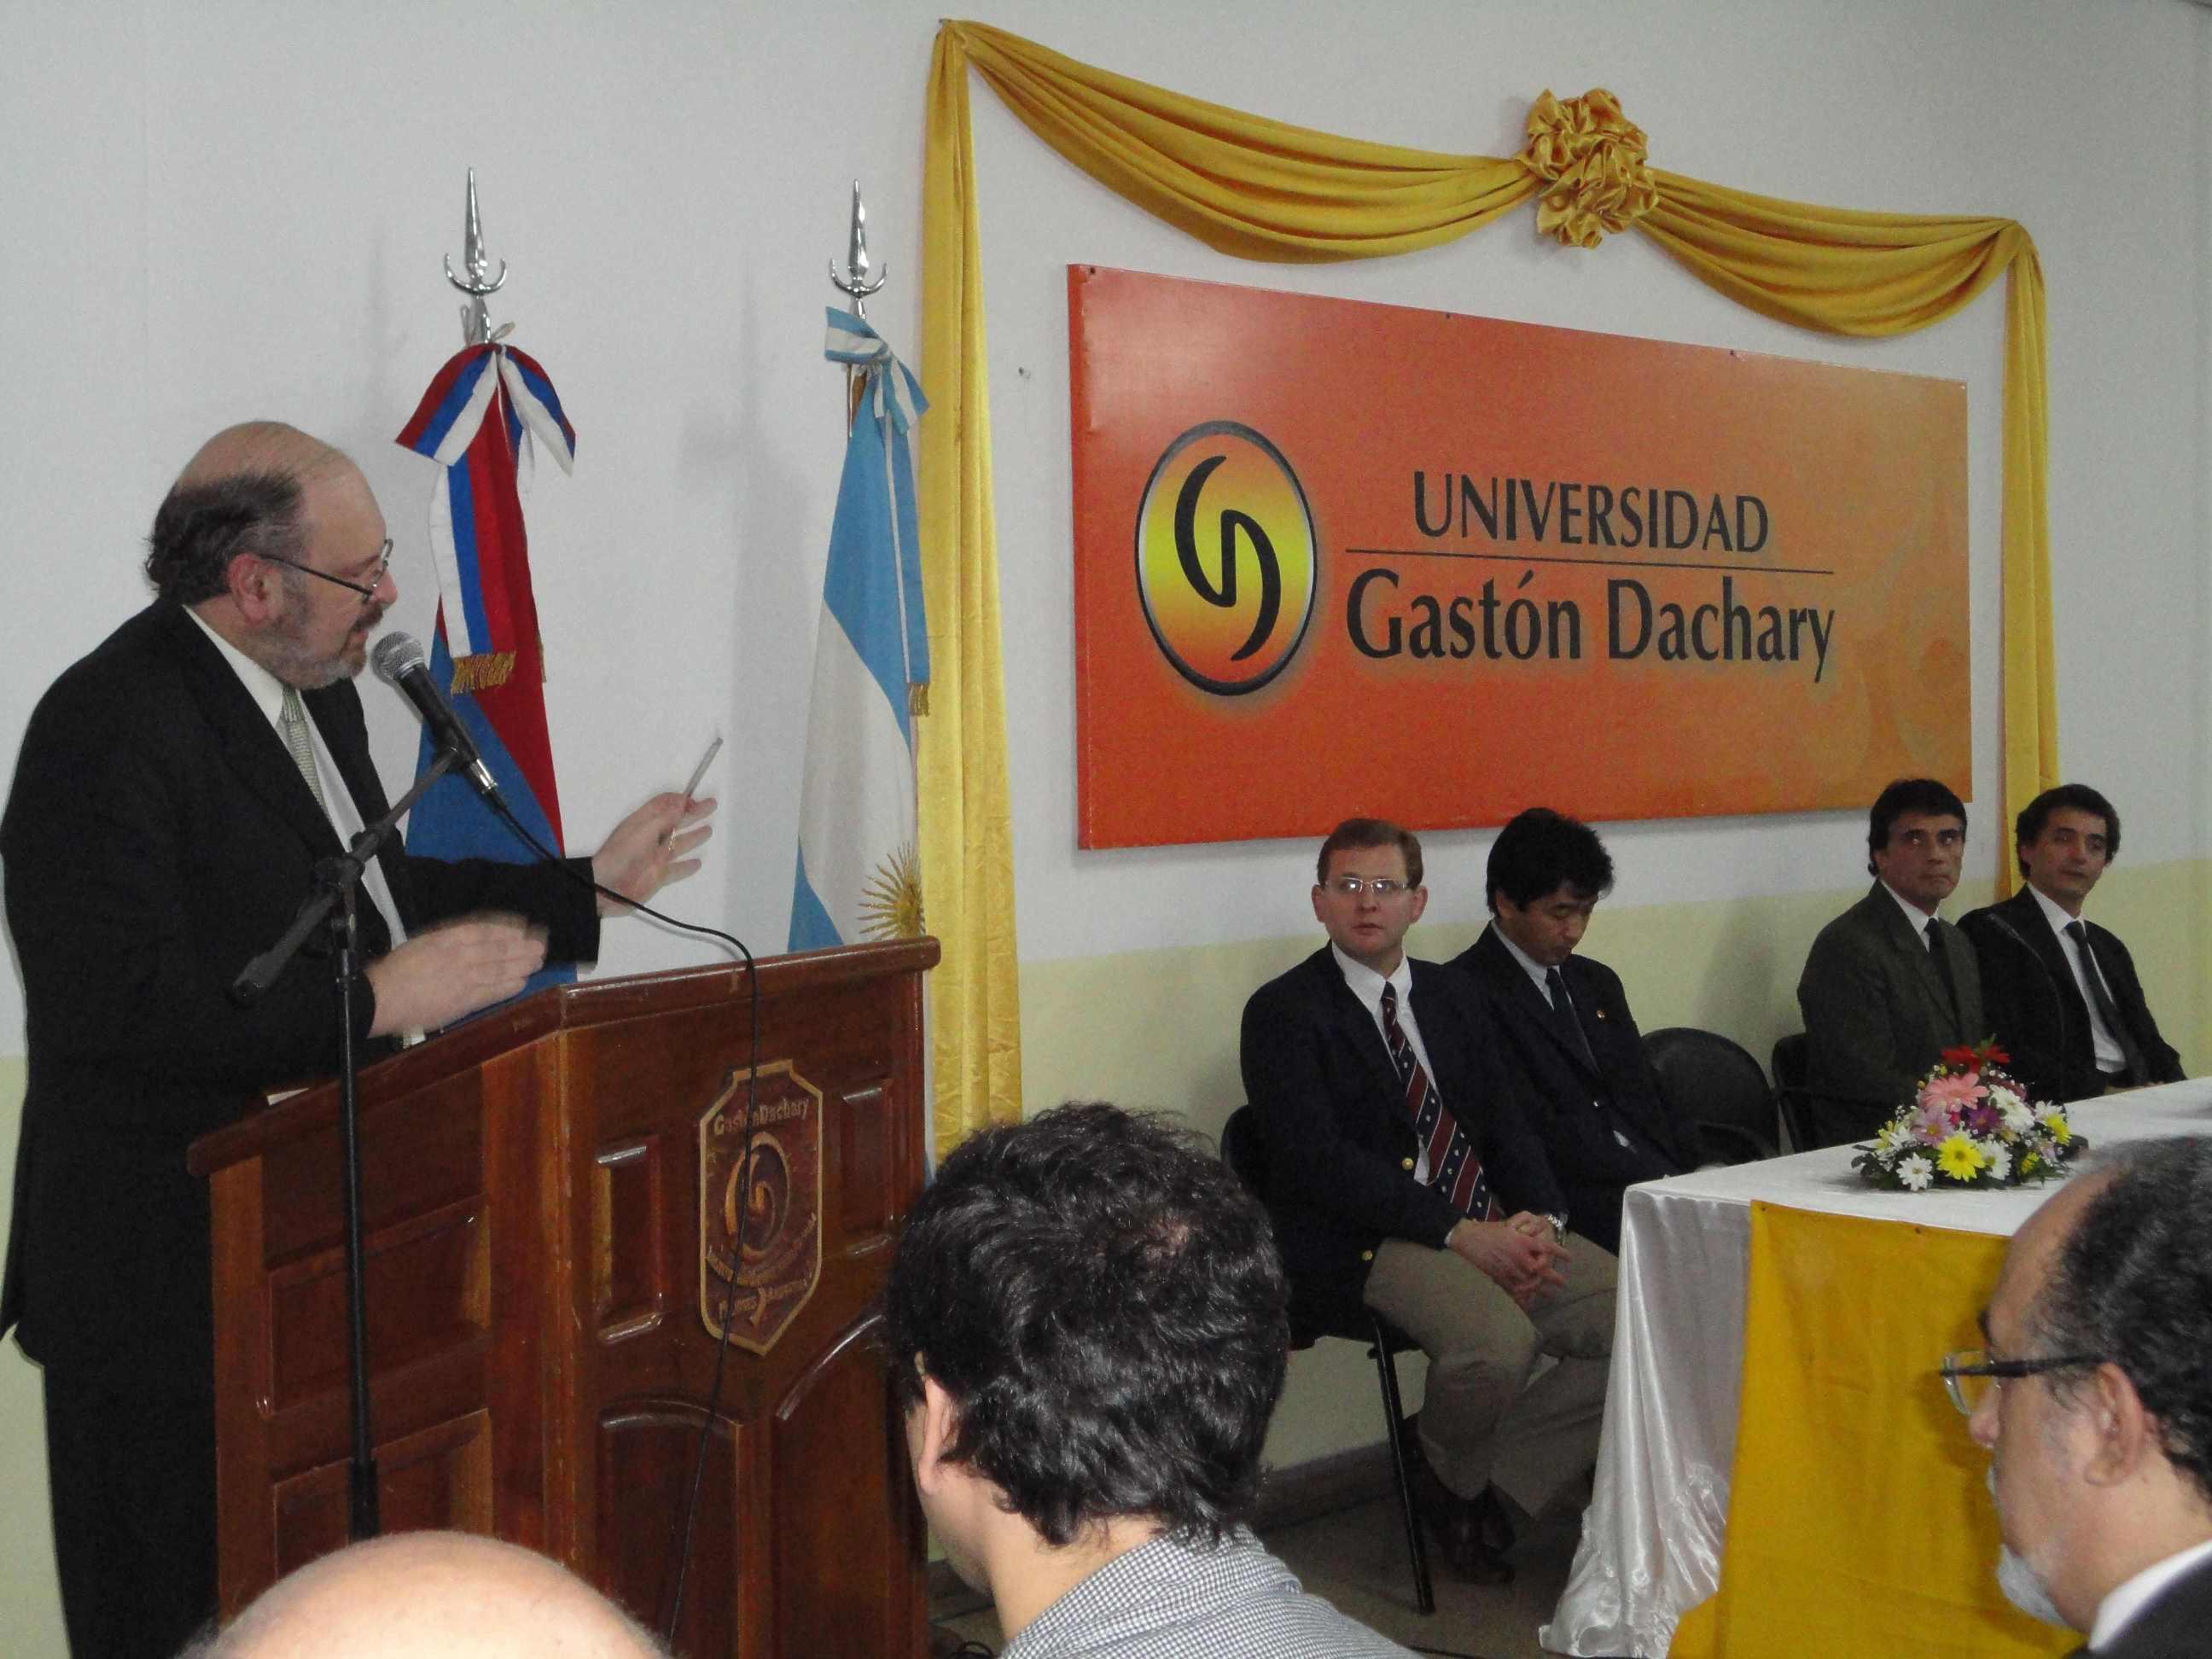 El rector de la UGD, Luis Lichowski dará la bienvenida a los participantes en el simposio.